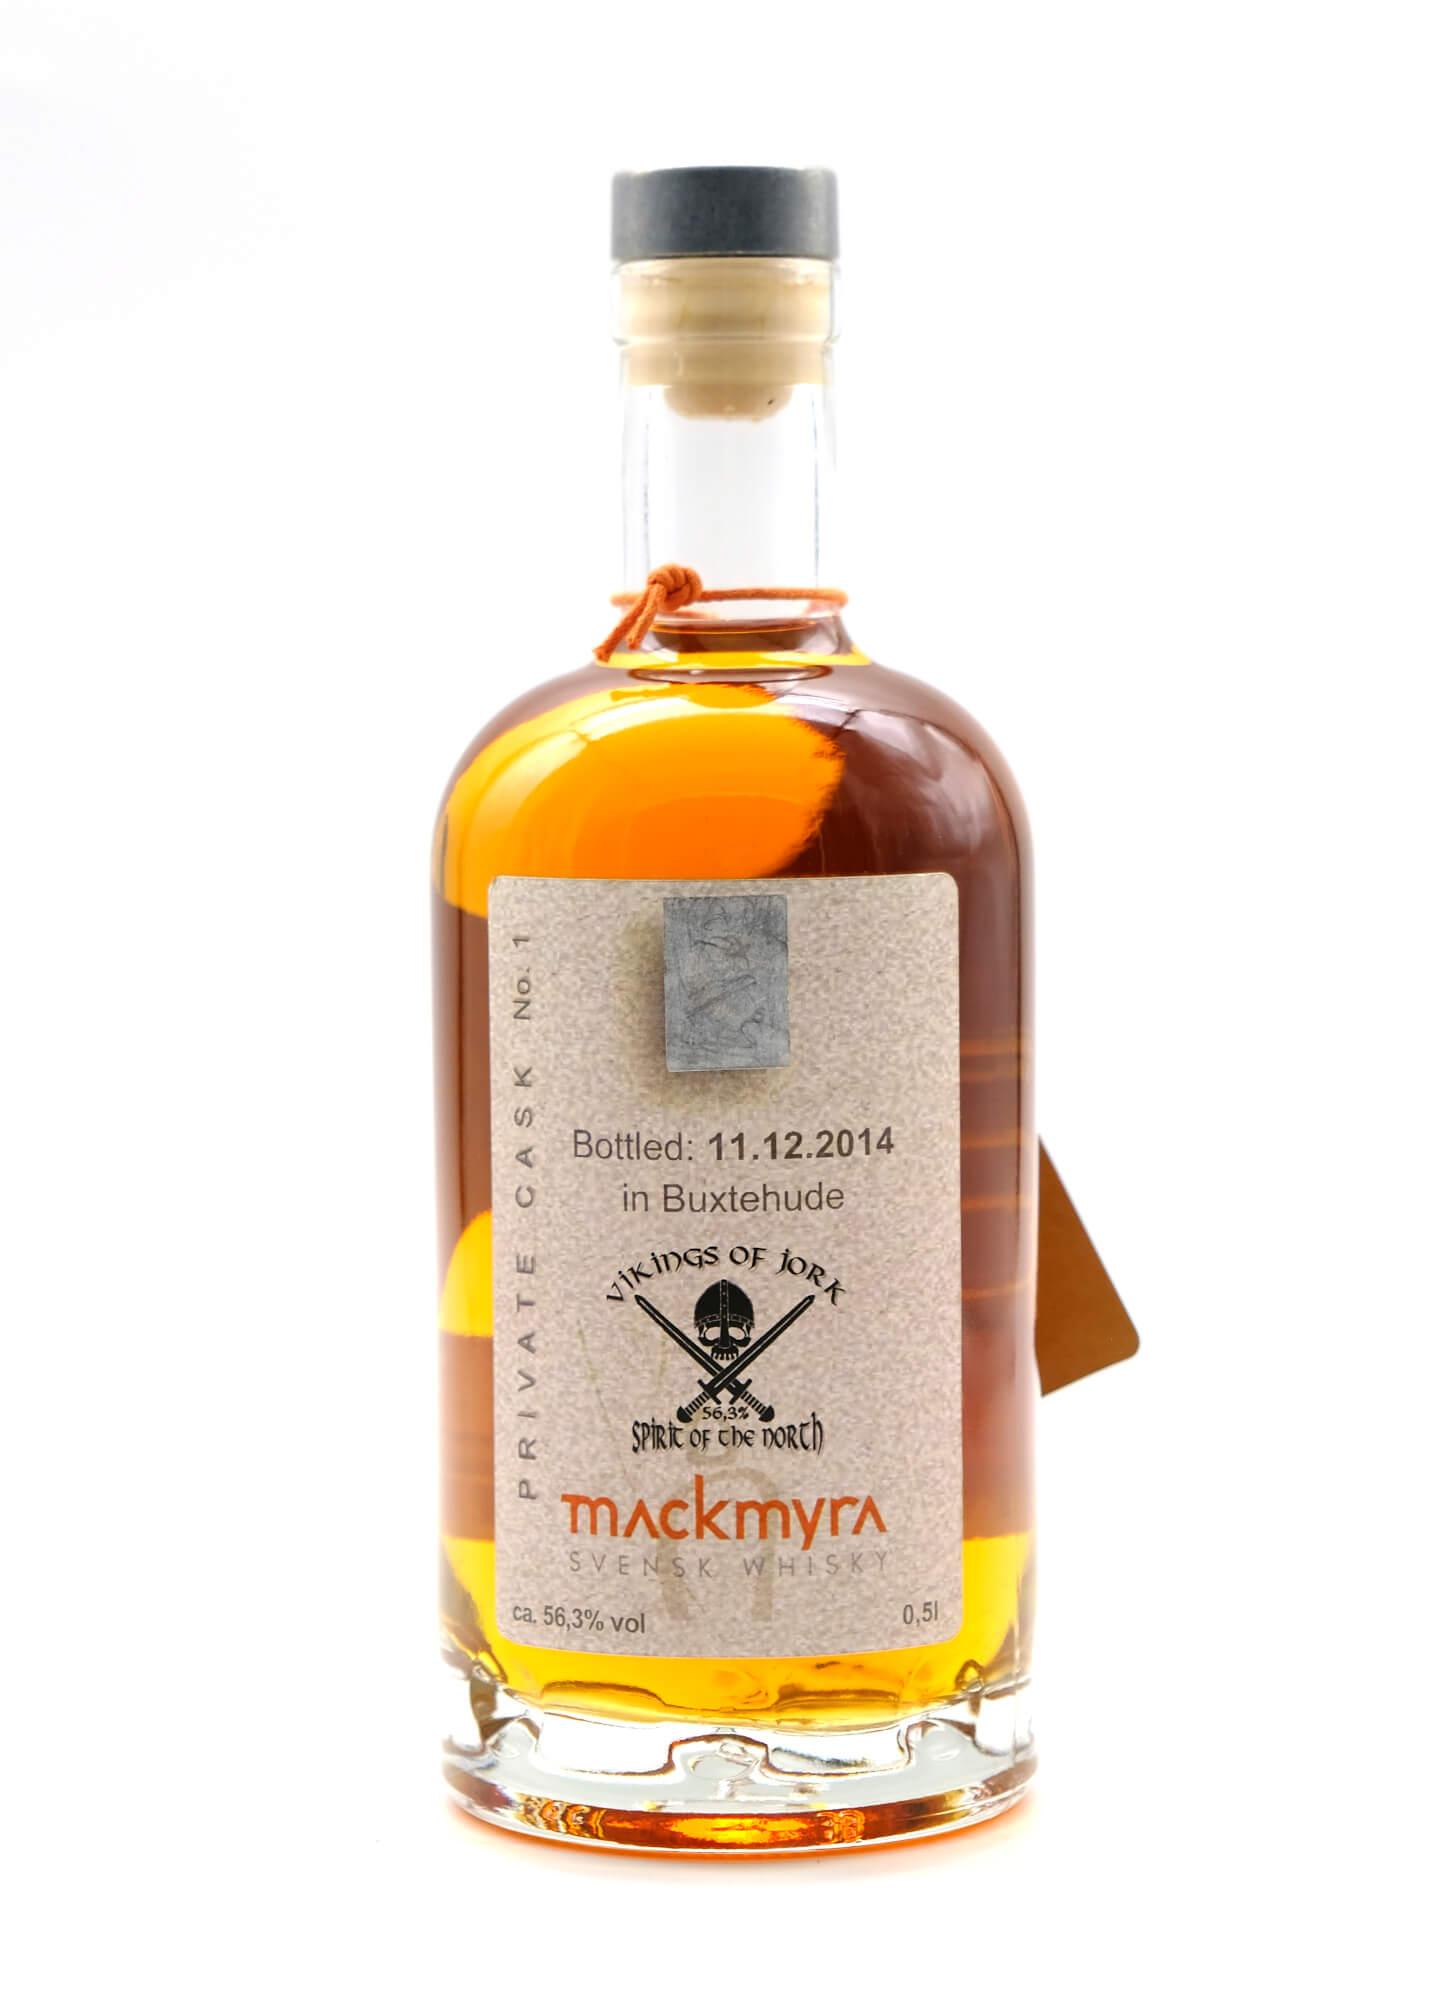 Mackmyra Spirirt of the North schwedischer Whisky